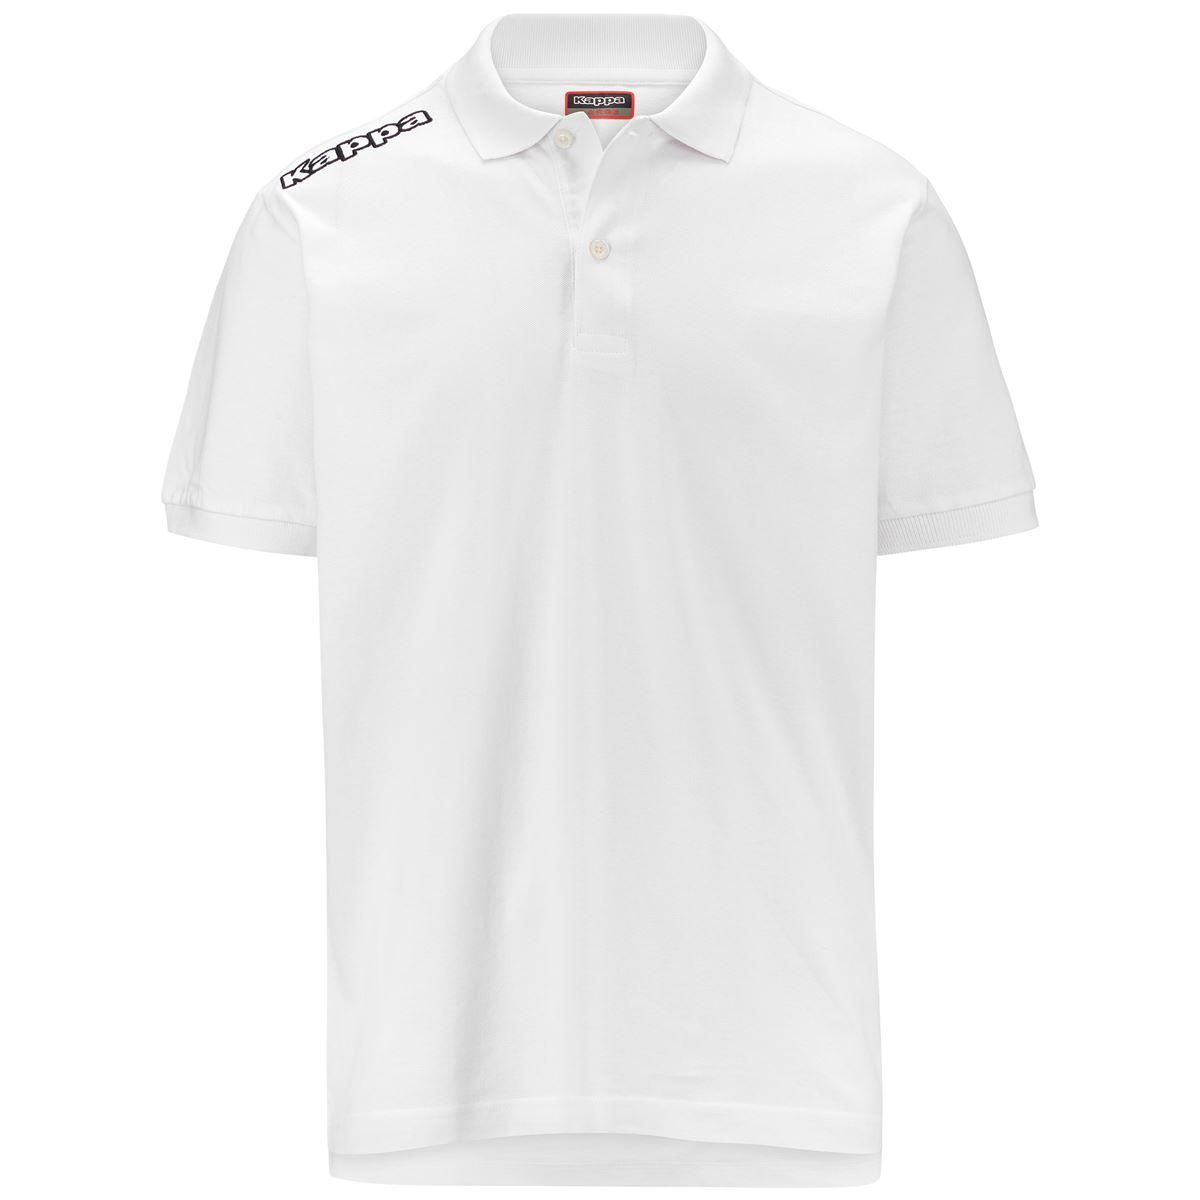 Kappa Polo Shirts uomo-301FG30